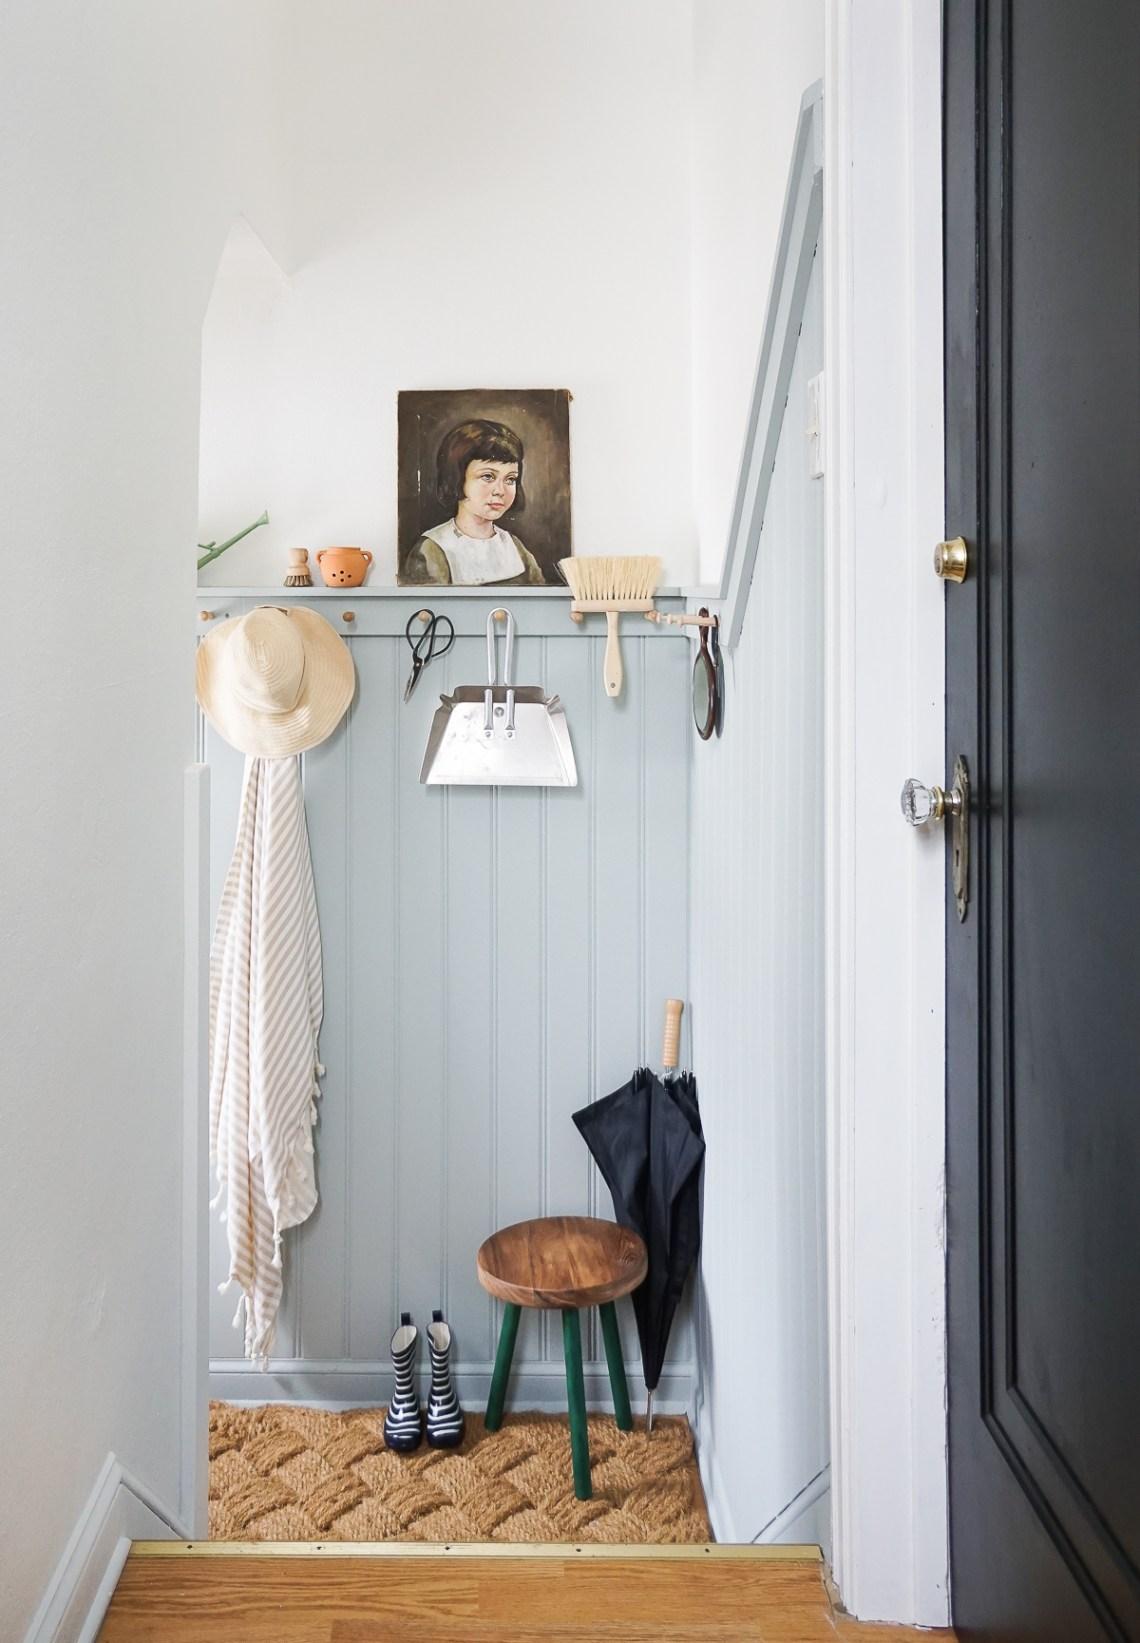 5_DIY_proteger_las_paredes_casa_soluciones_decorativas_interiores-01